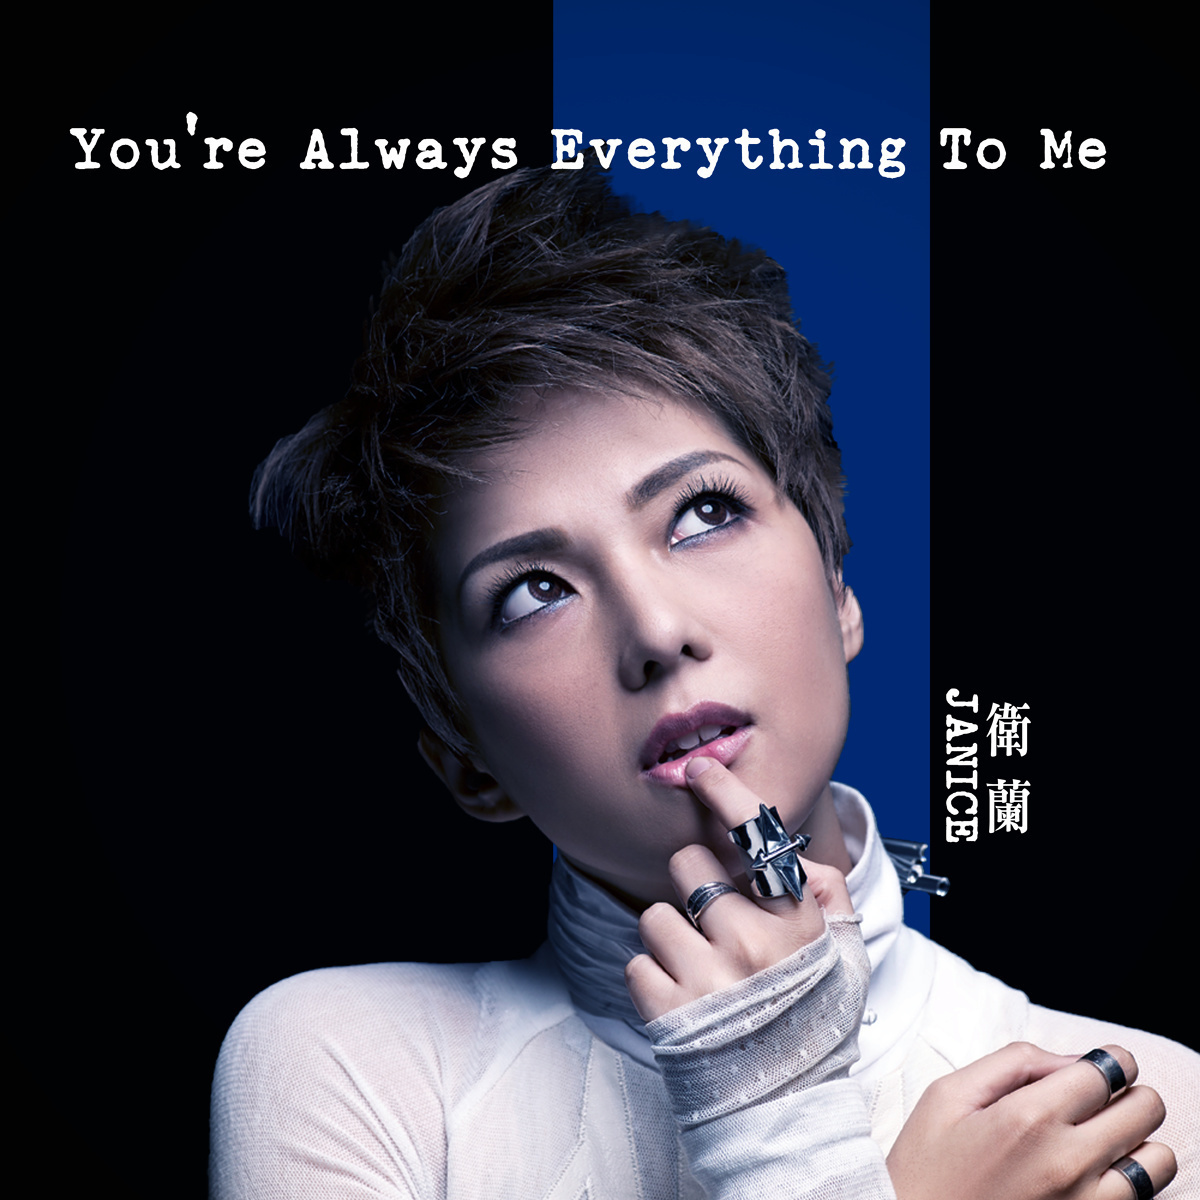 卫兰 You're Always Everything to Me